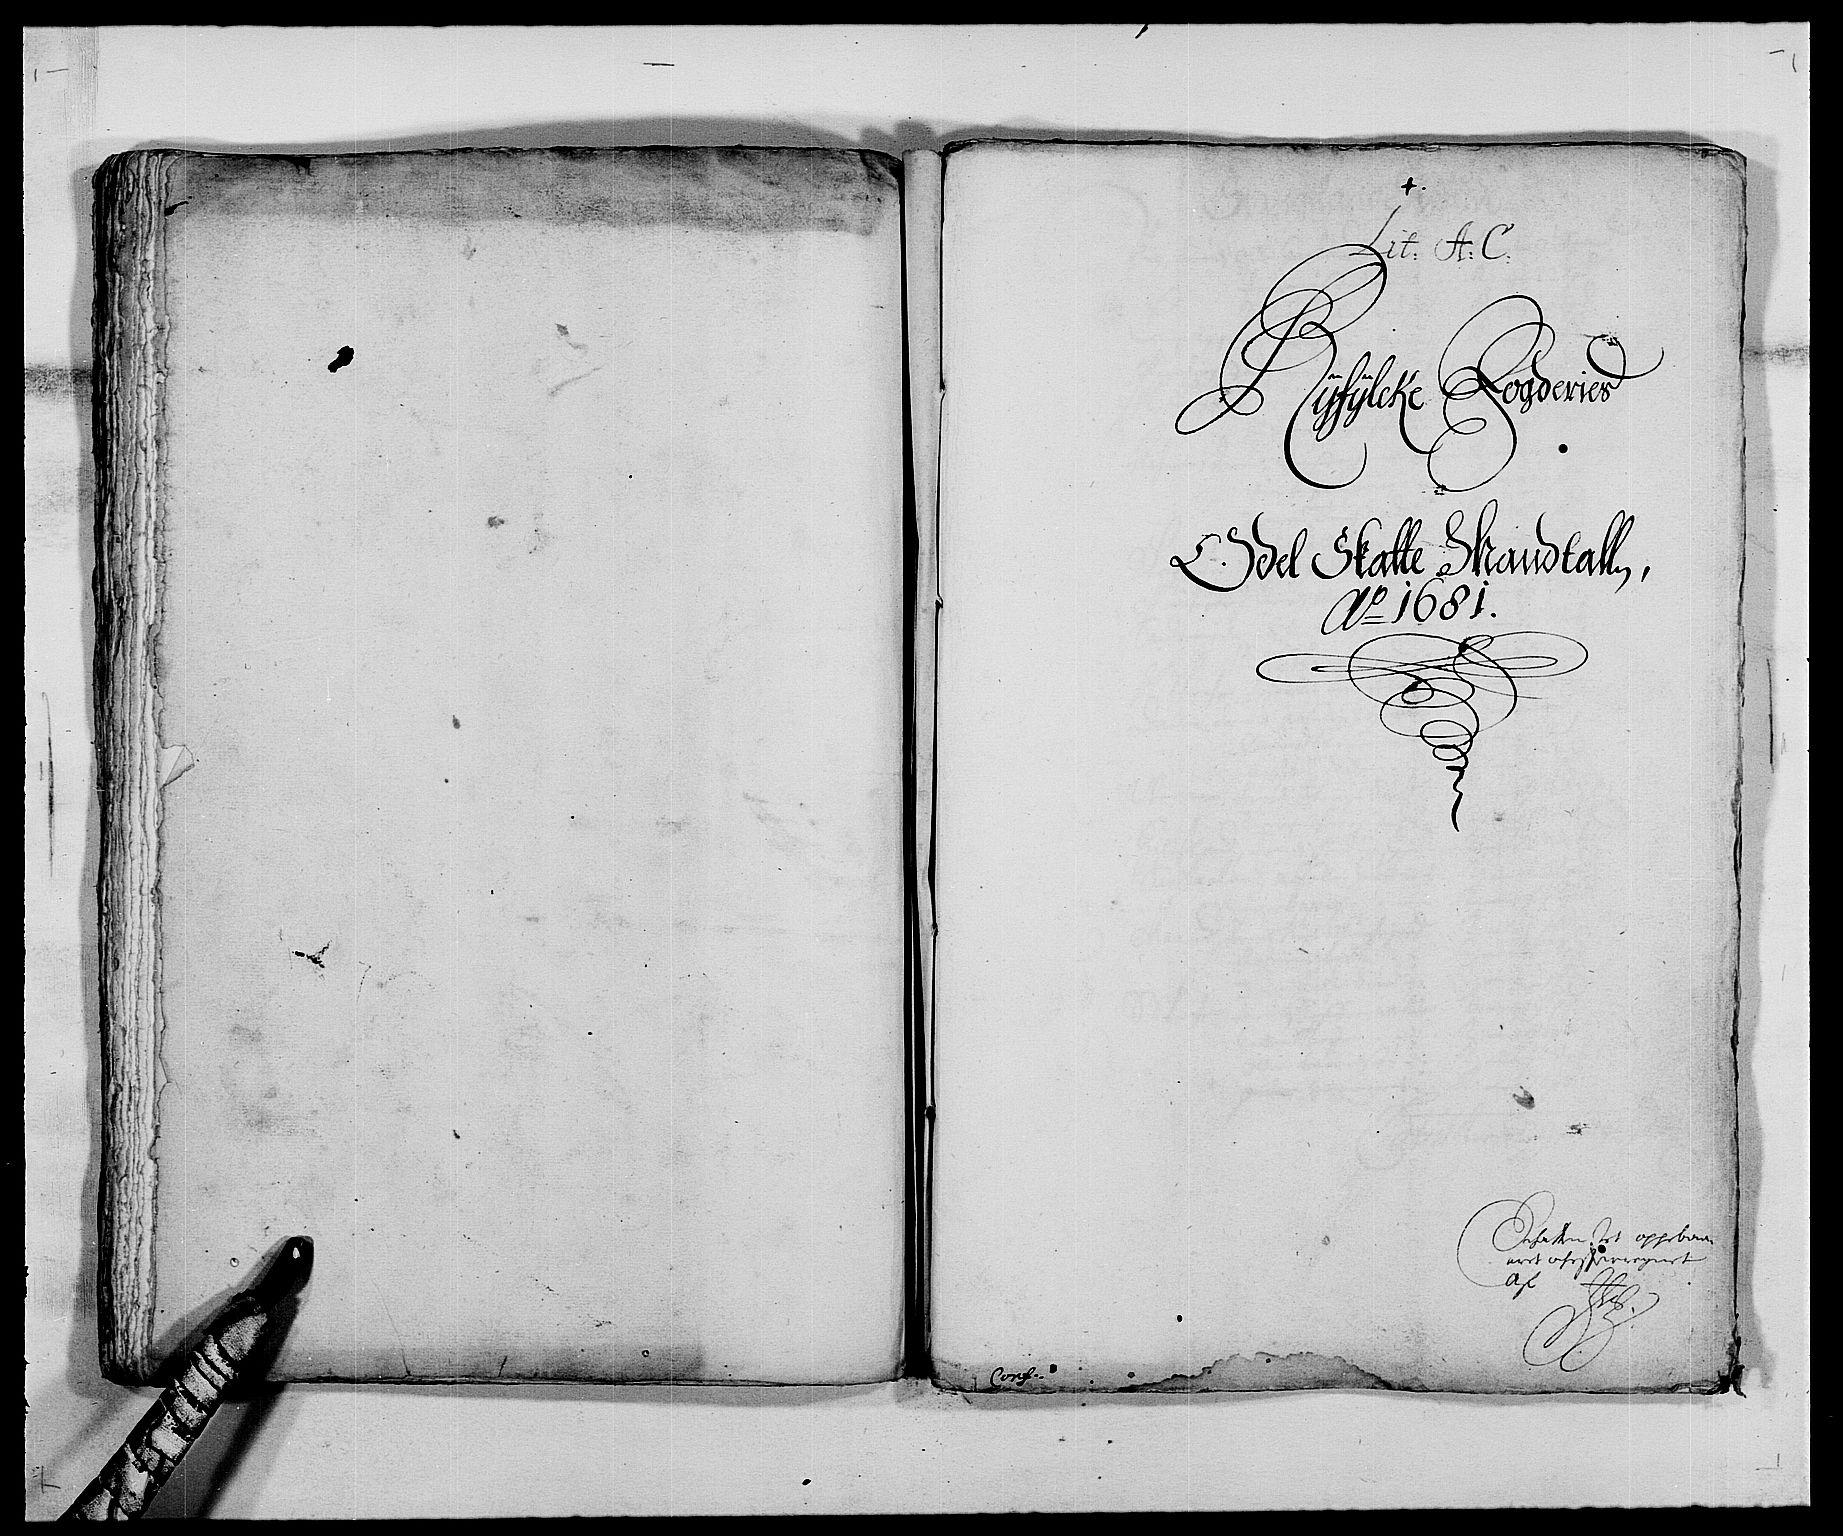 RA, Rentekammeret inntil 1814, Reviderte regnskaper, Fogderegnskap, R47/L2852: Fogderegnskap Ryfylke, 1681, s. 45